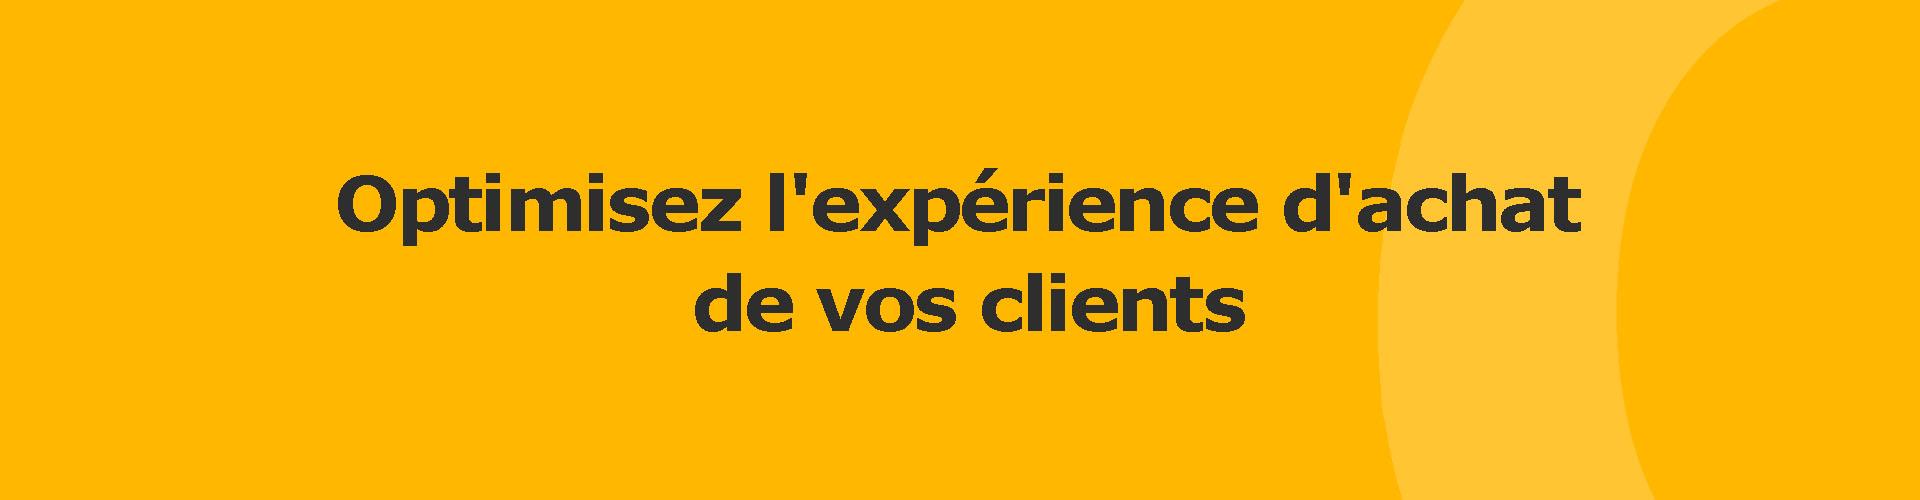 Optimisez l'expérience d'achat de vos clients